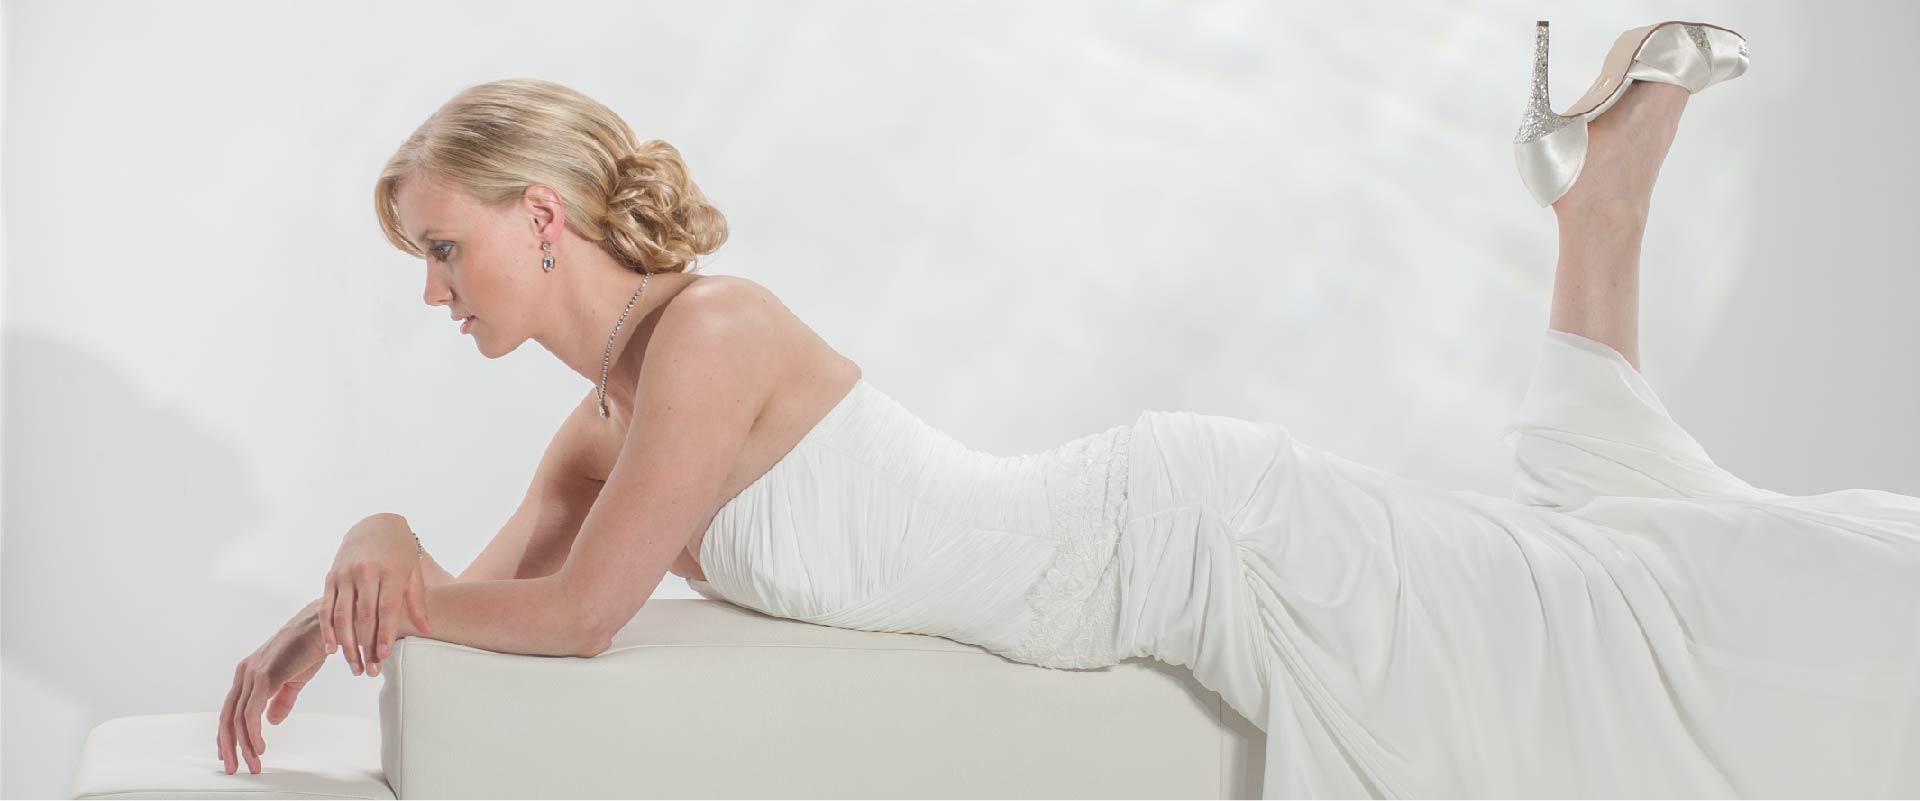 2impressu bruid liggend